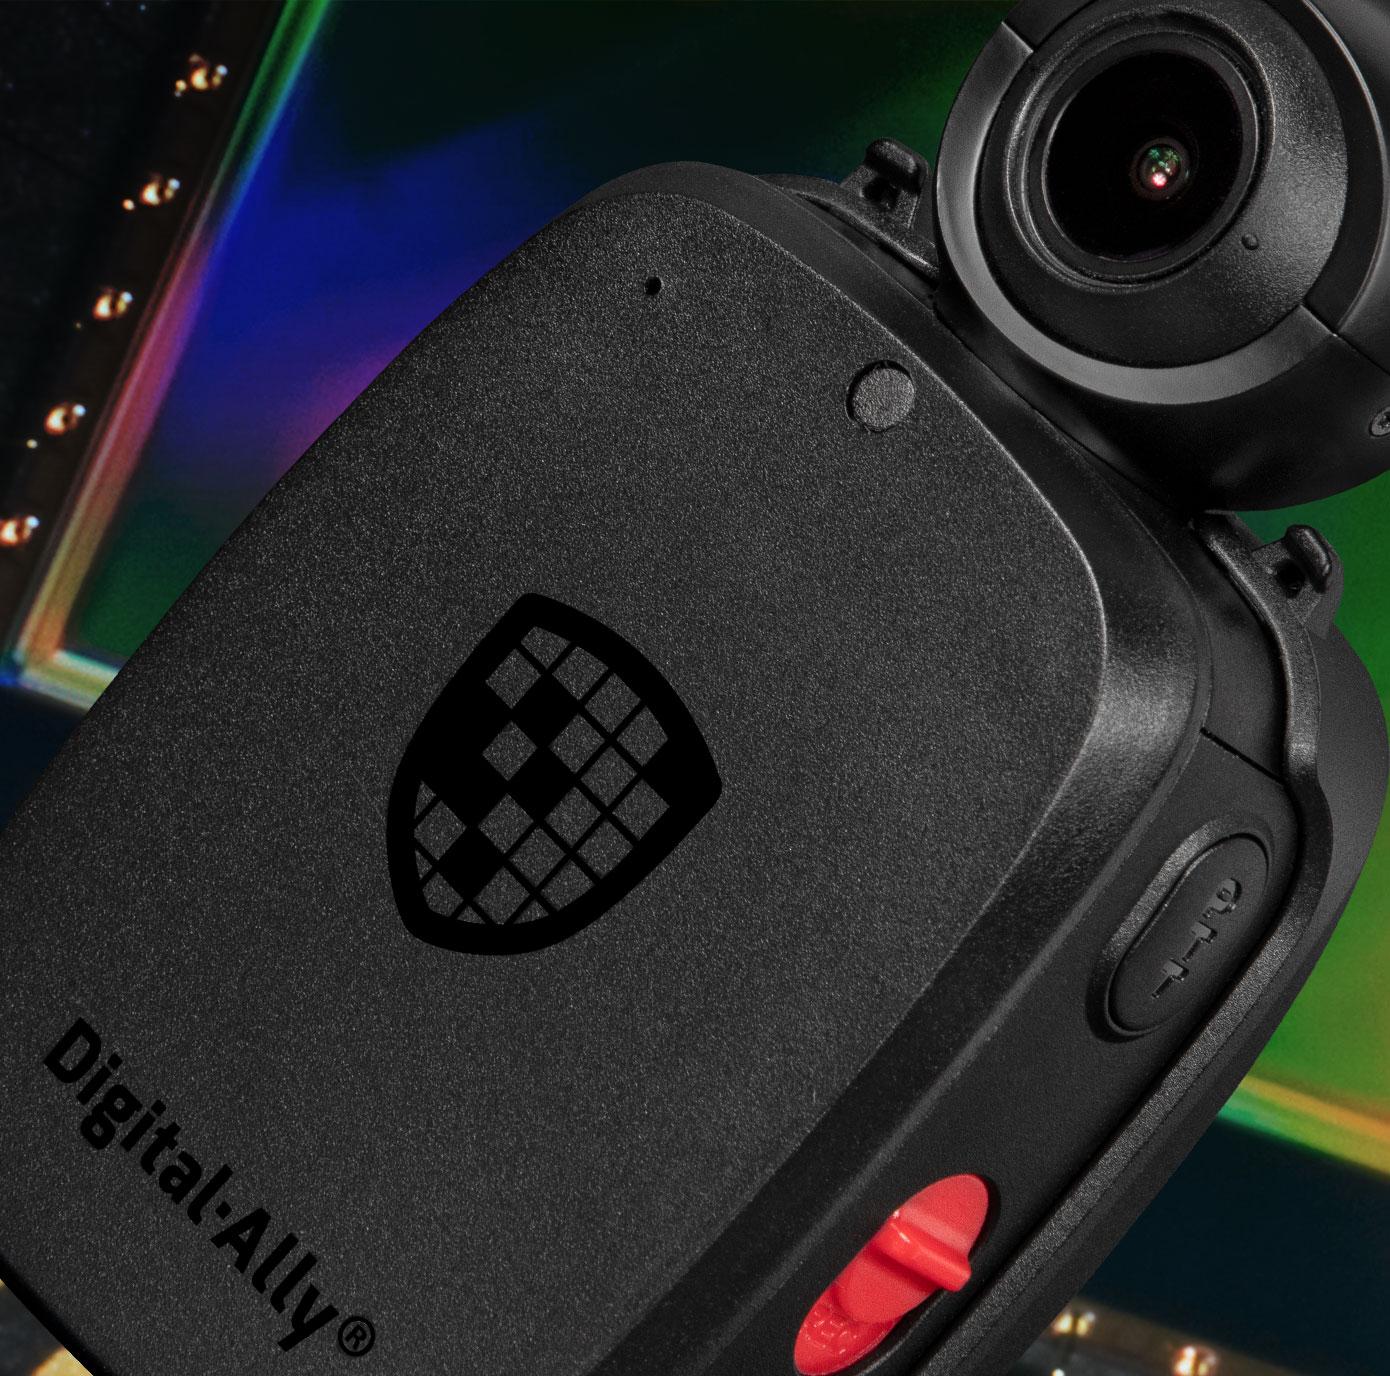 Advanced Image Sensor